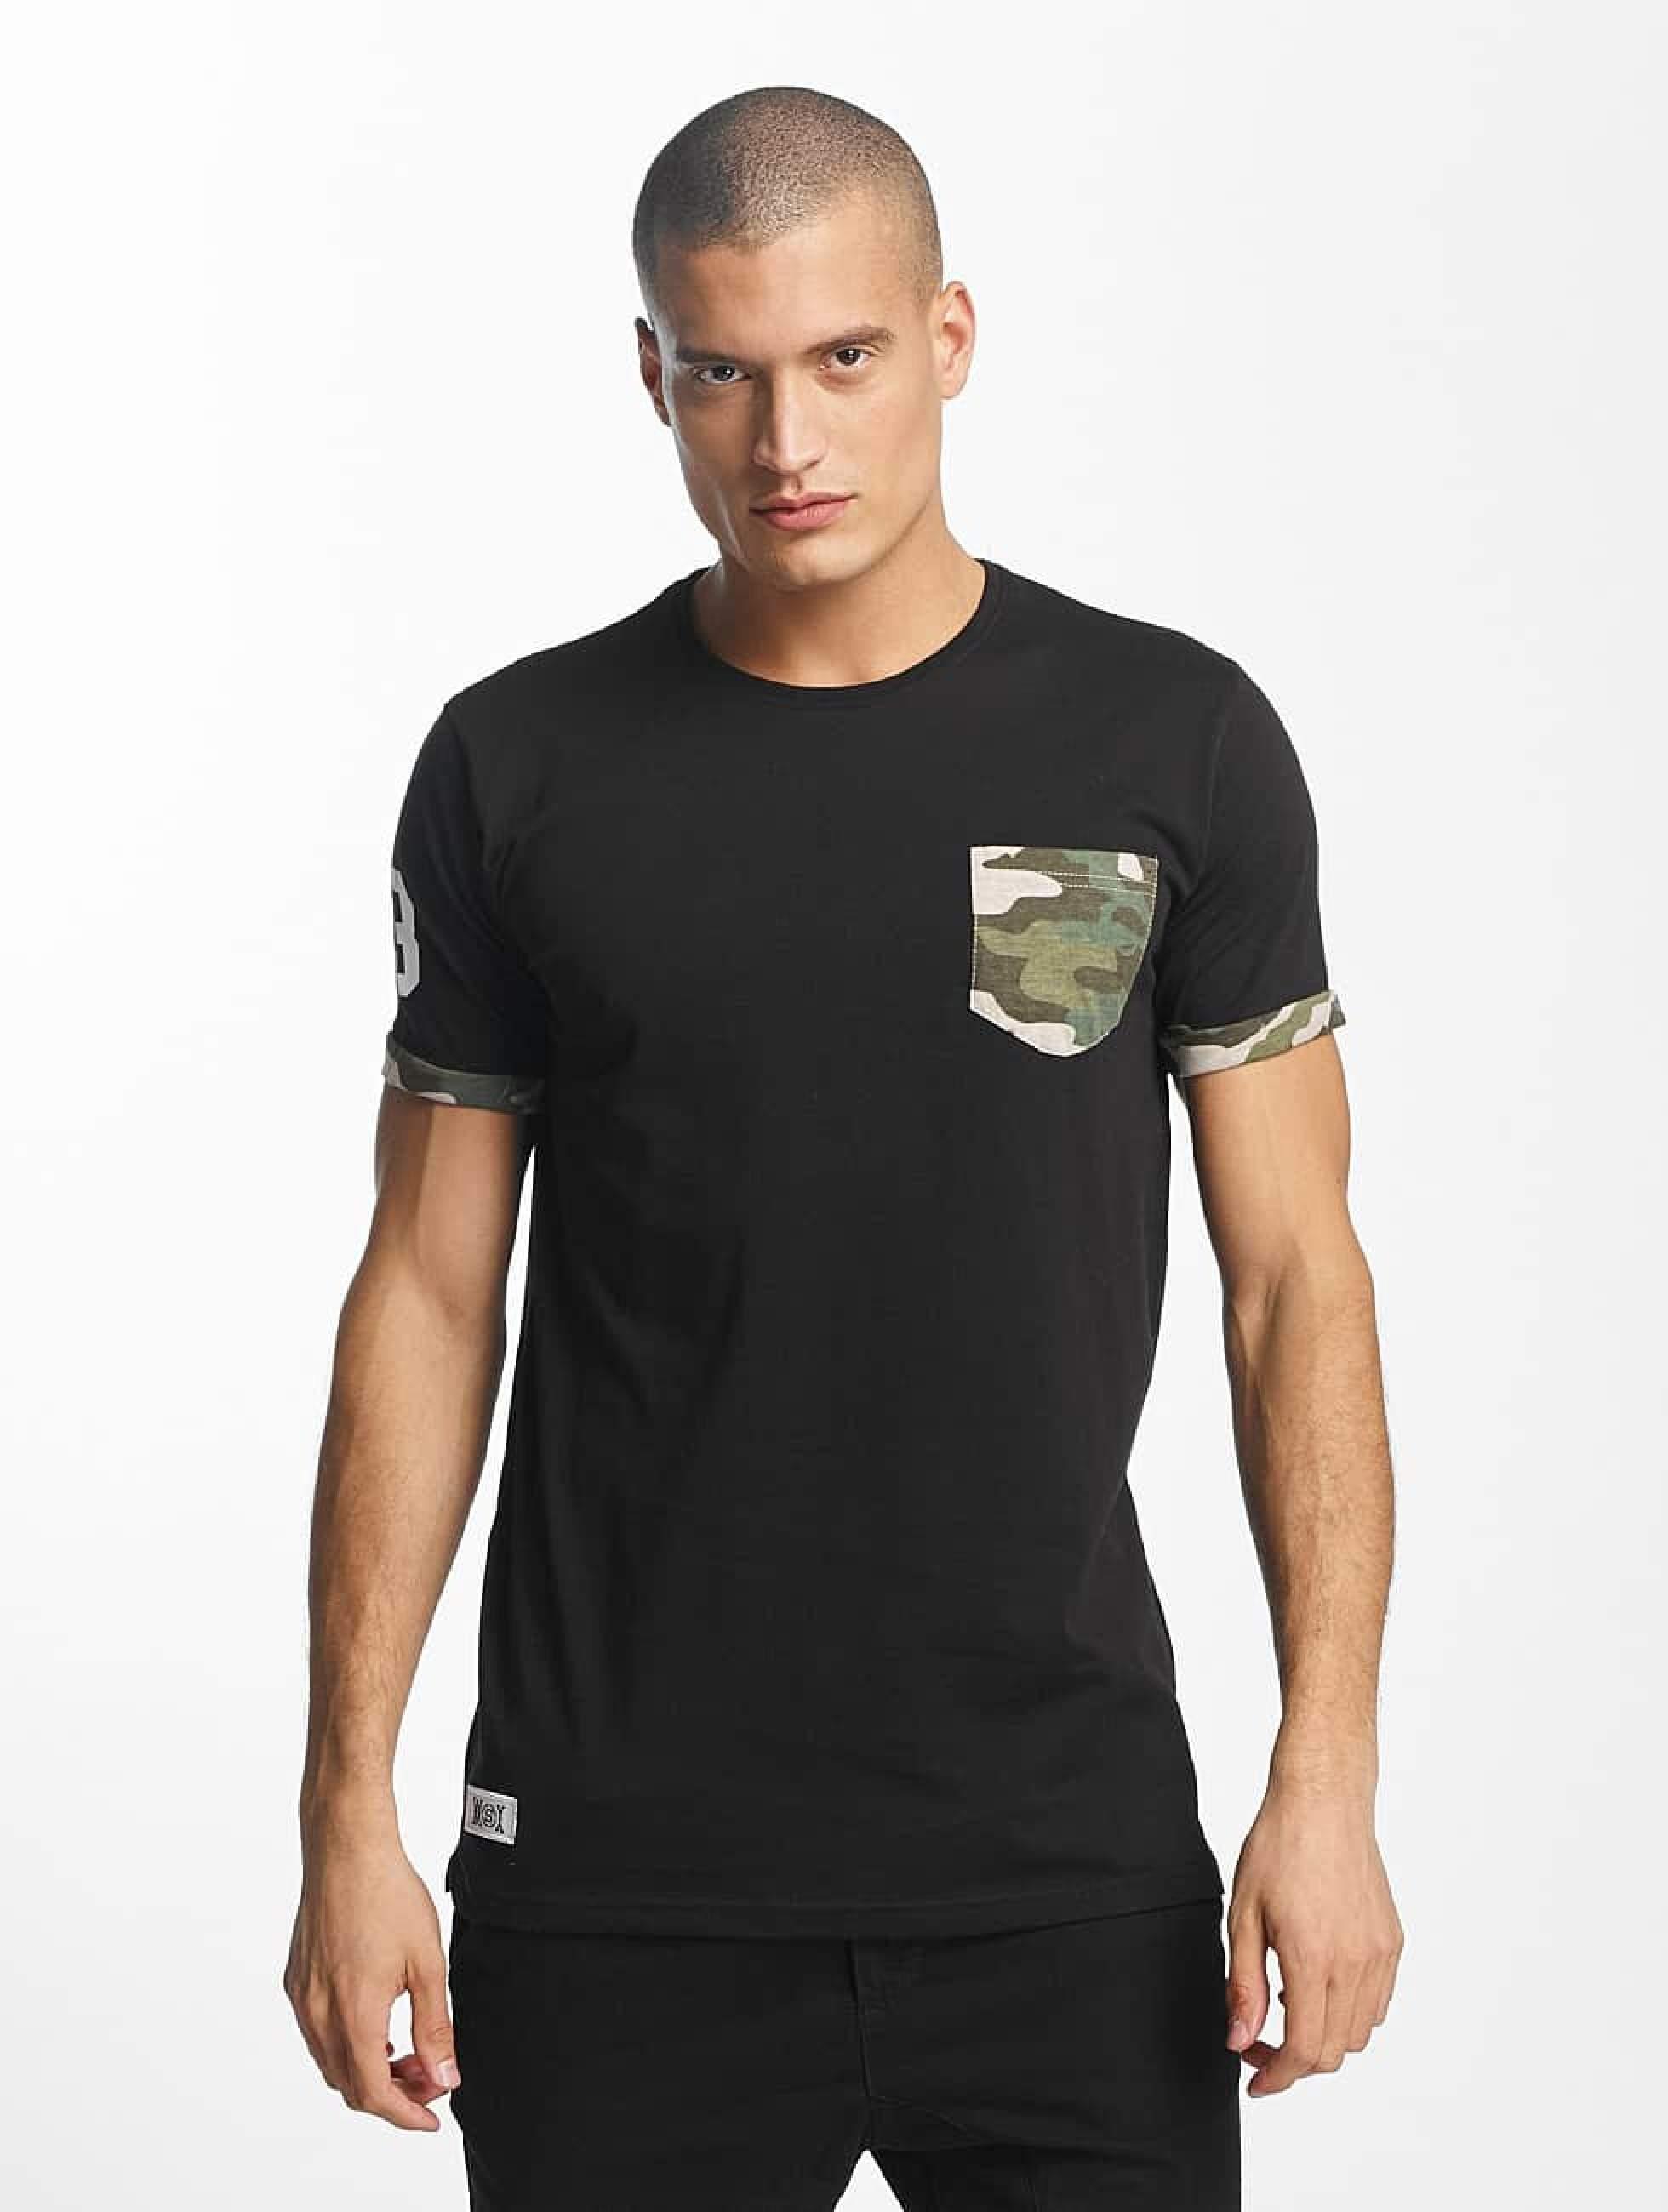 Who Shot Ya? / T-Shirt Gangsteam in black XL